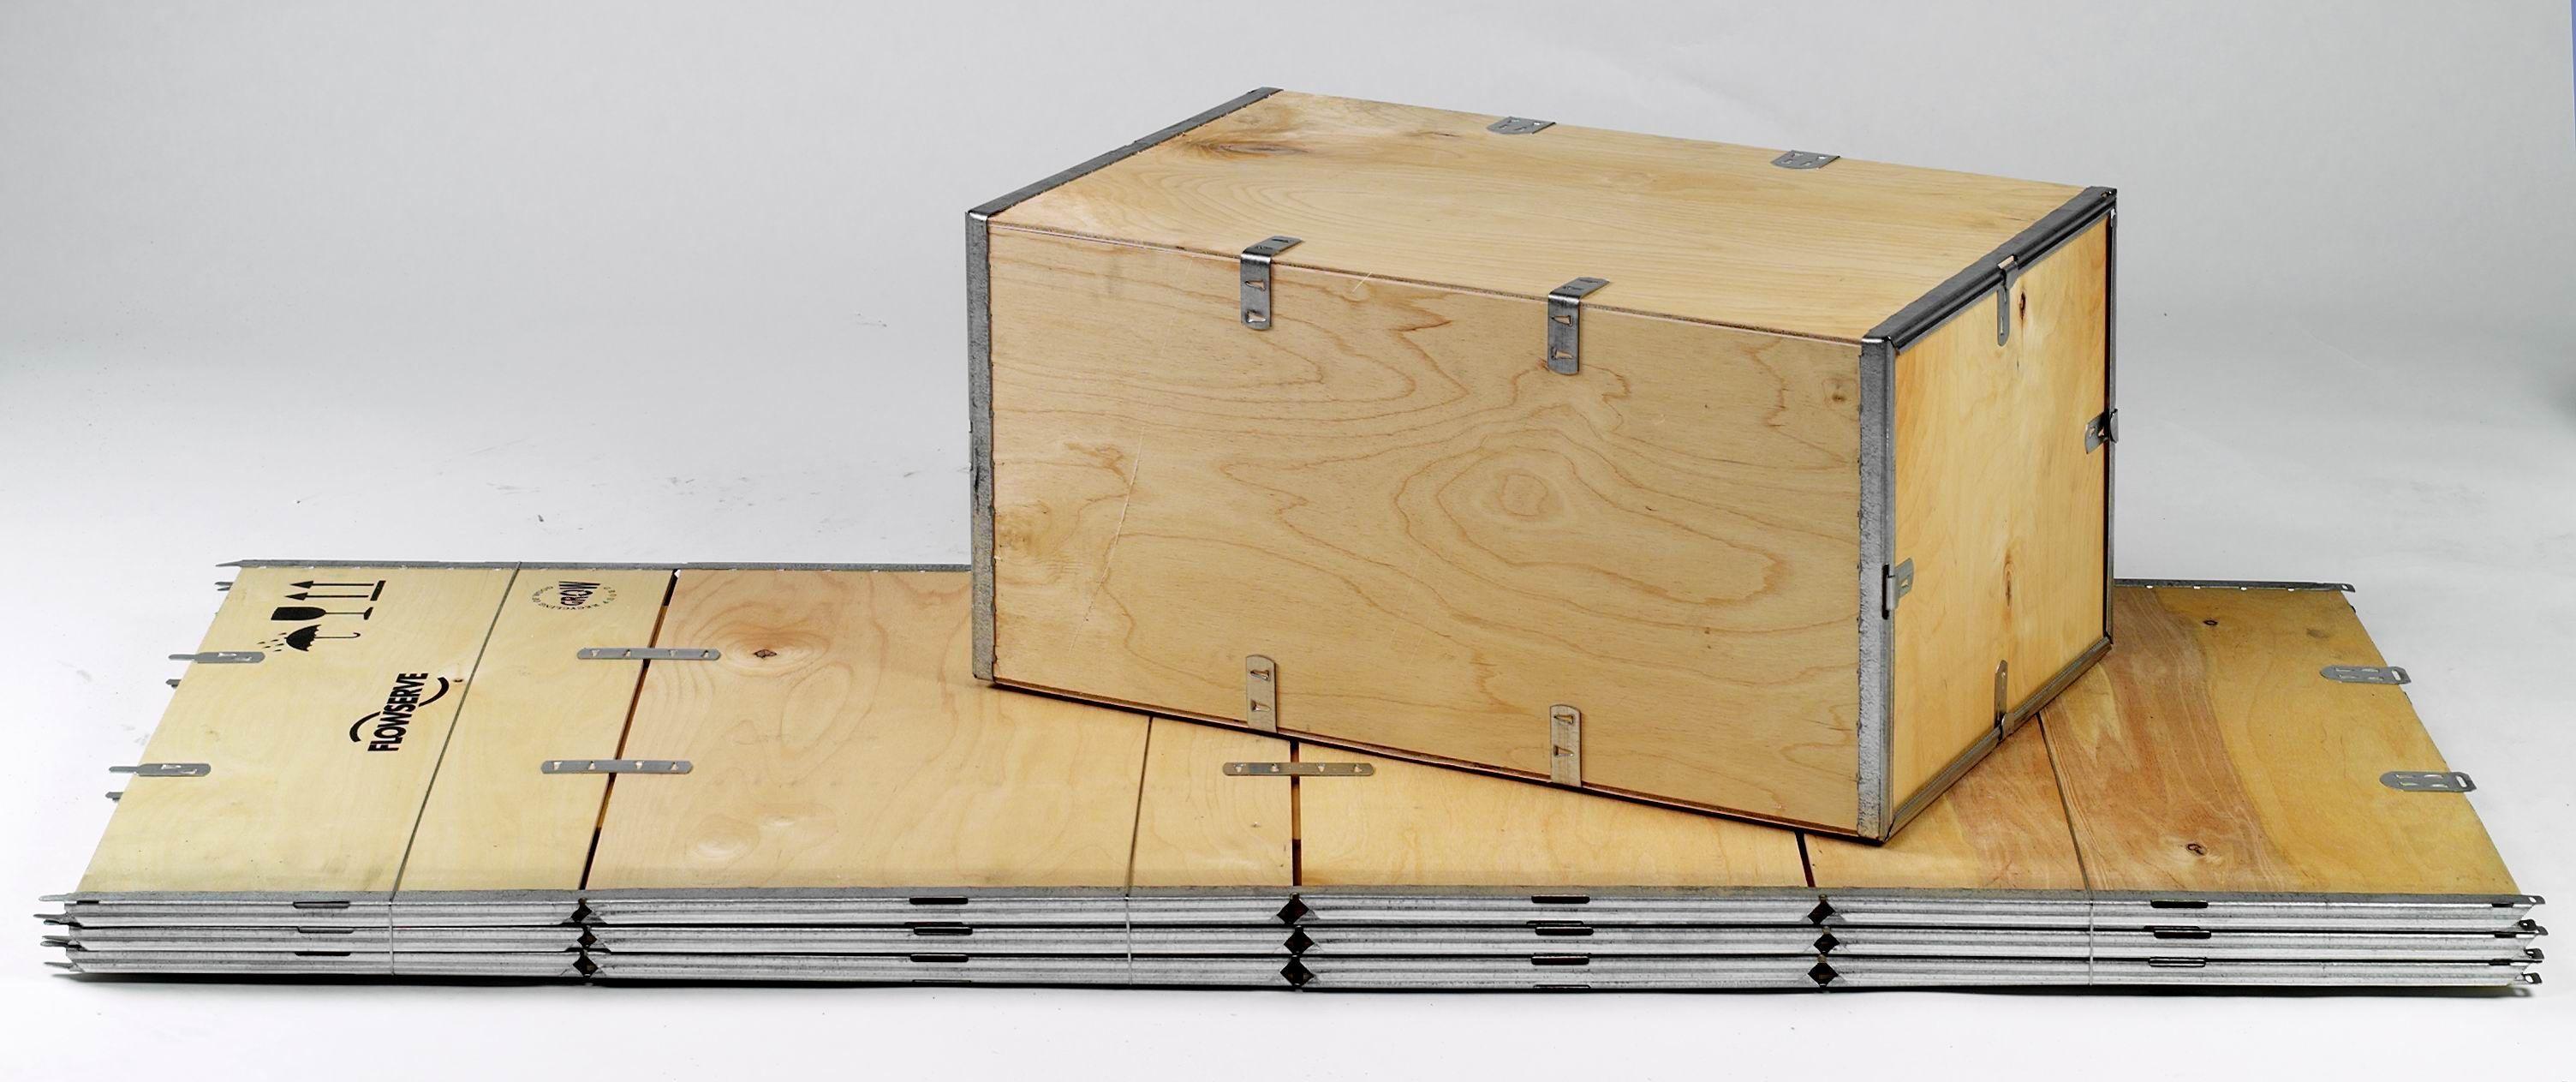 Caisse en contreplaqué / de transport / pliable max. 800 x 600 x 500 mm | No-Nail STD series No-Nail Boxes